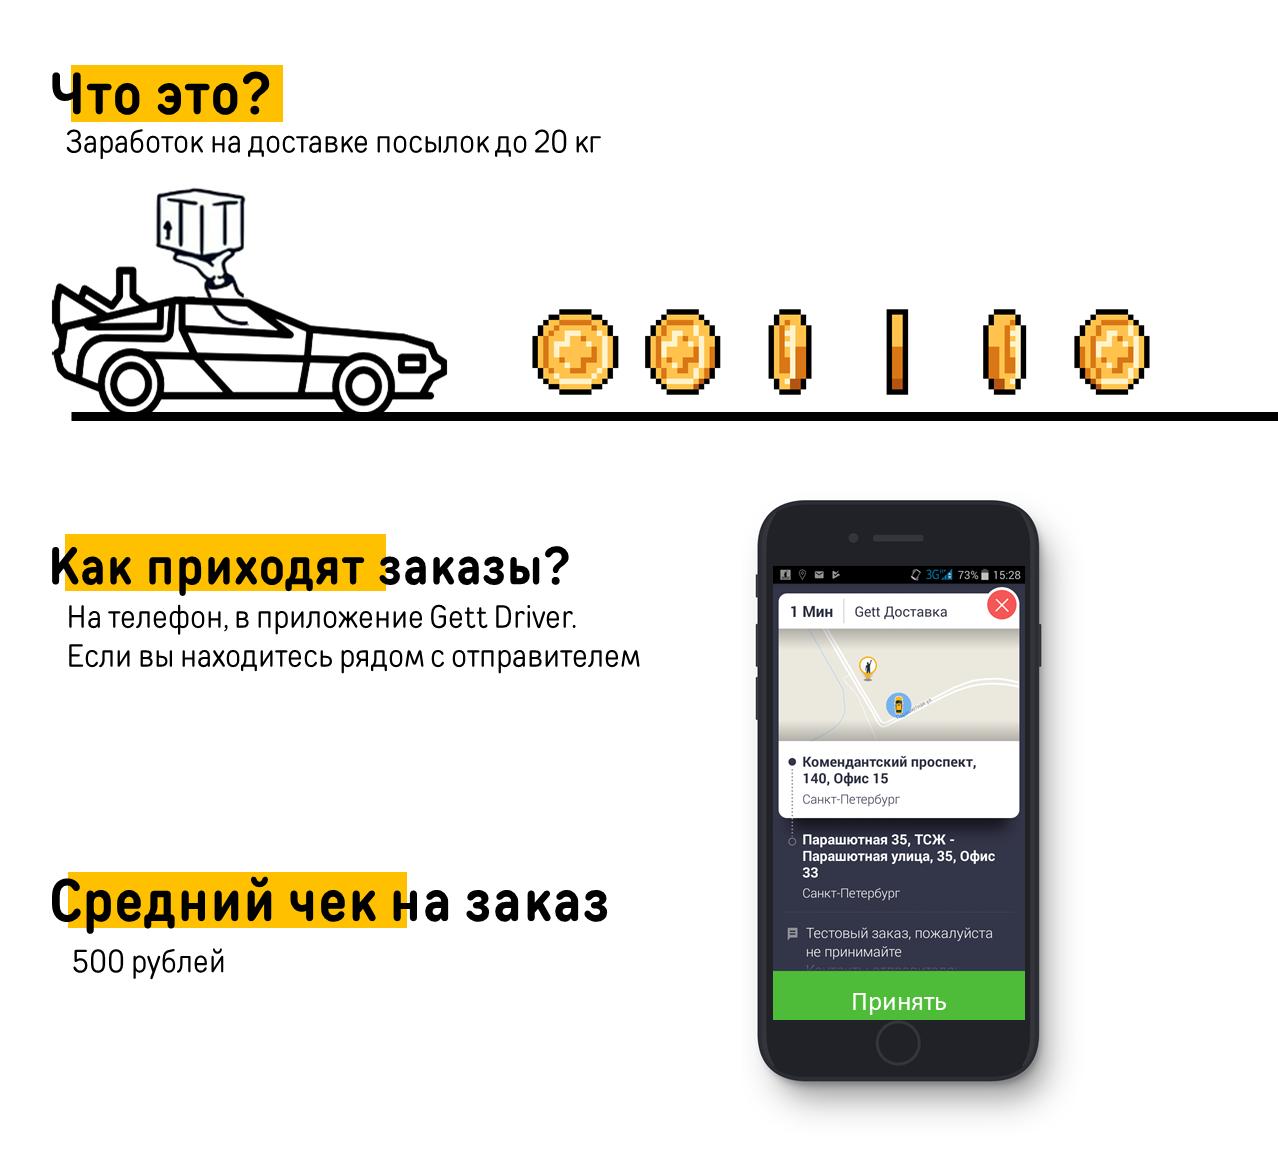 гет такси служба поддержки номер телефона онлайн кредит без доходов